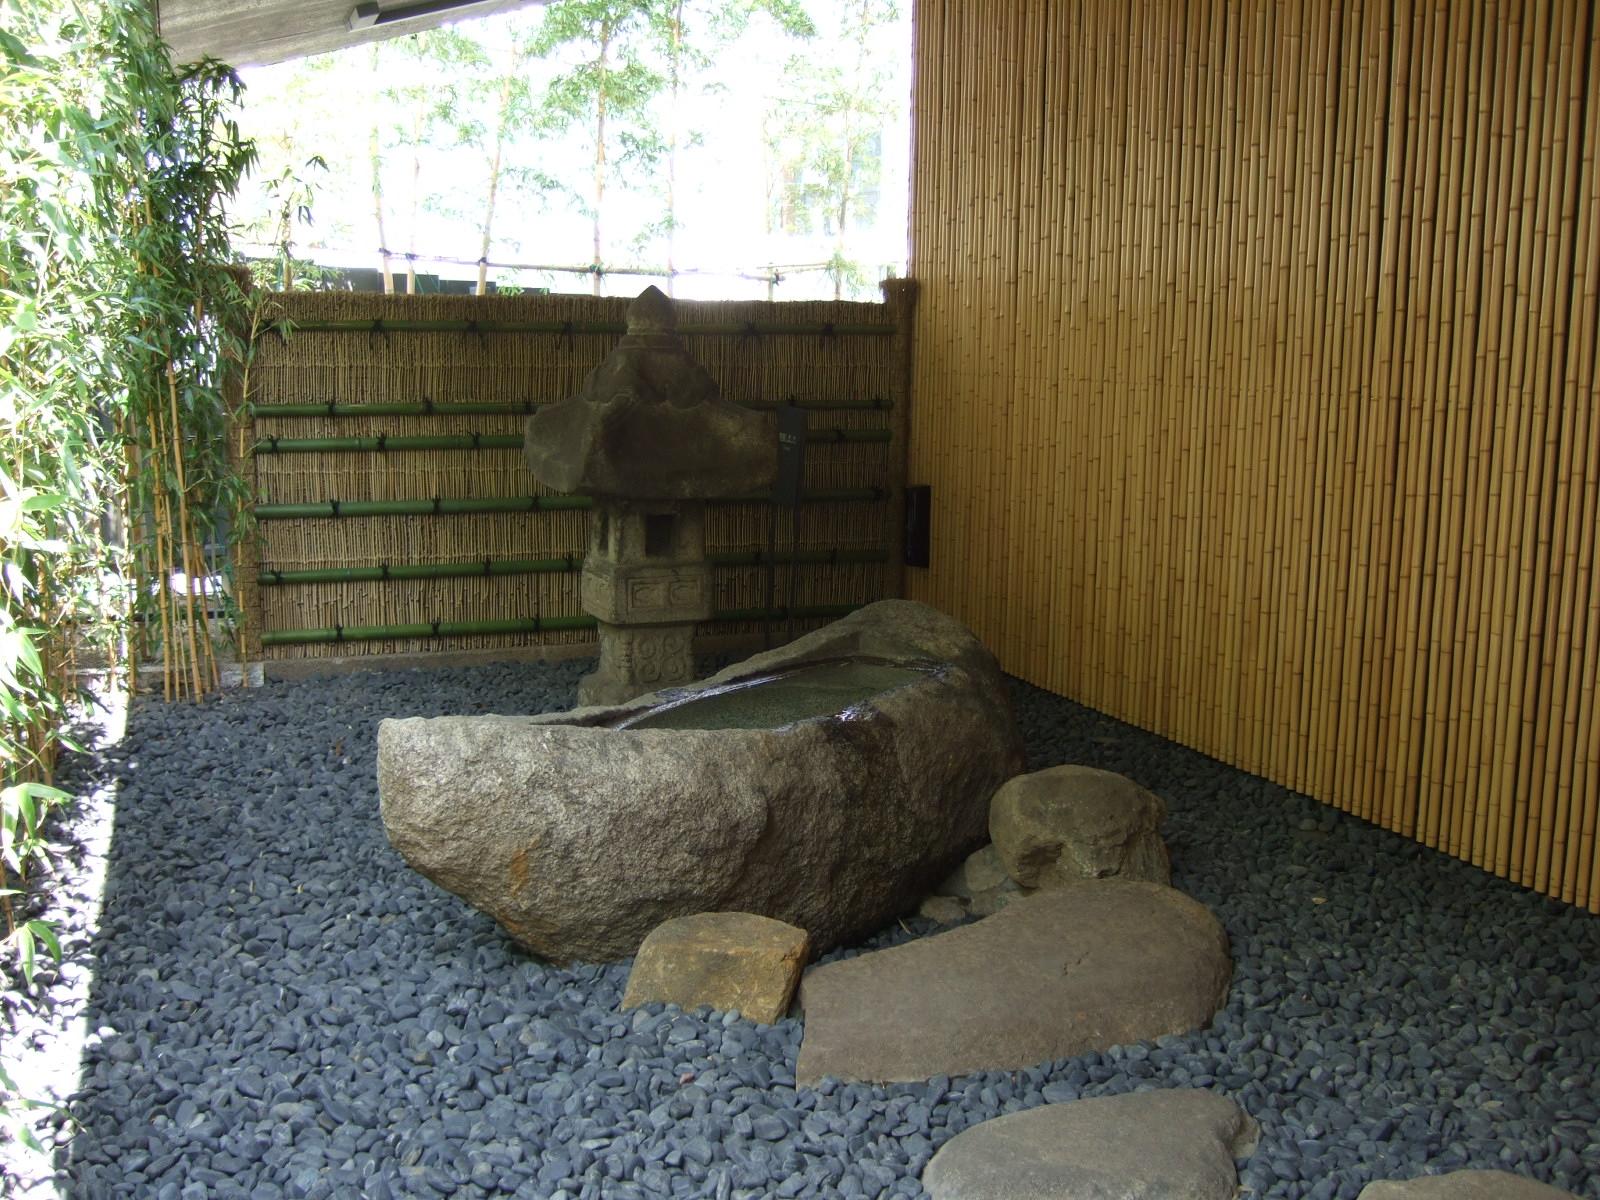 庭園,竹,砂利,石灯篭,根津美術館,東京〈著作権フリー無料画像〉Free Stock Photos